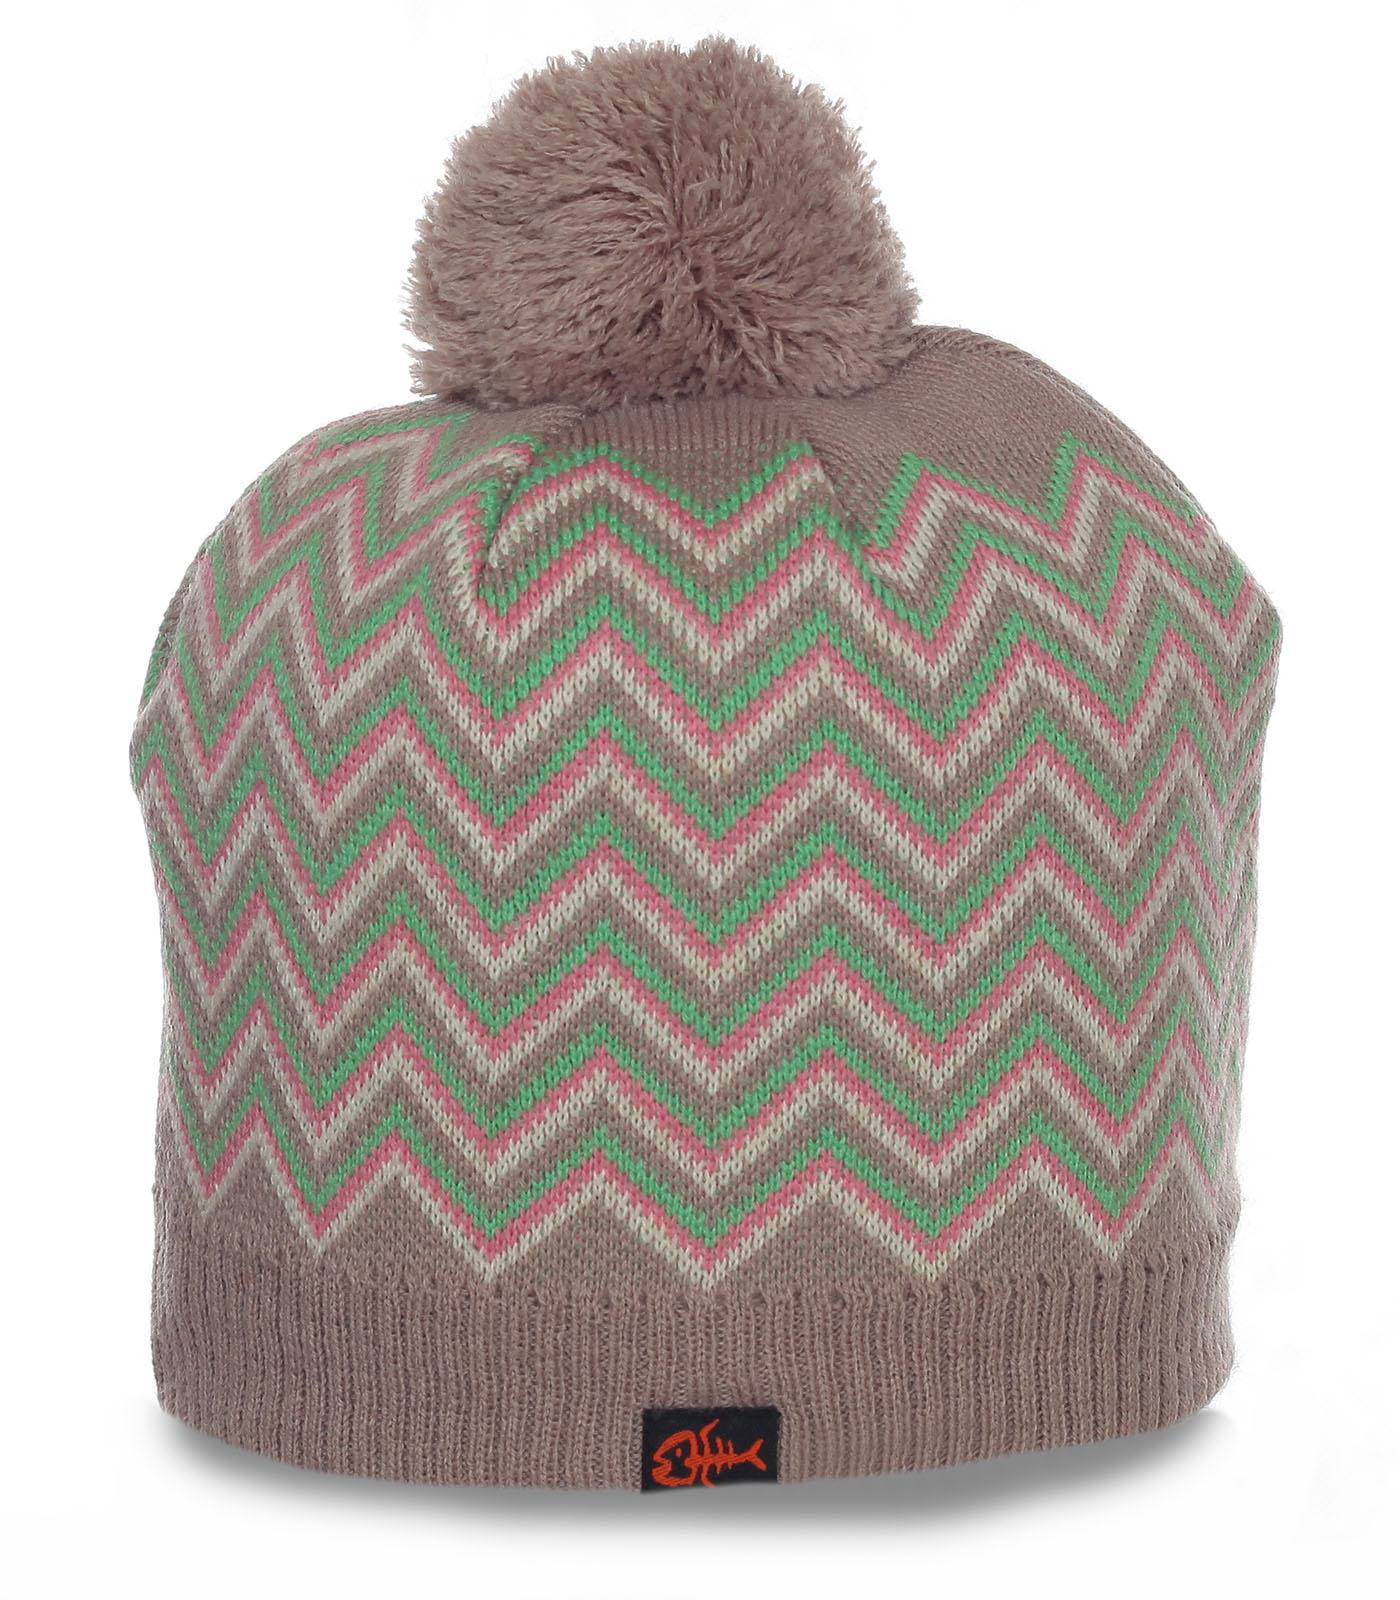 Женская теплая и уютная шапка великолепного дизайна очаровательным красоткам